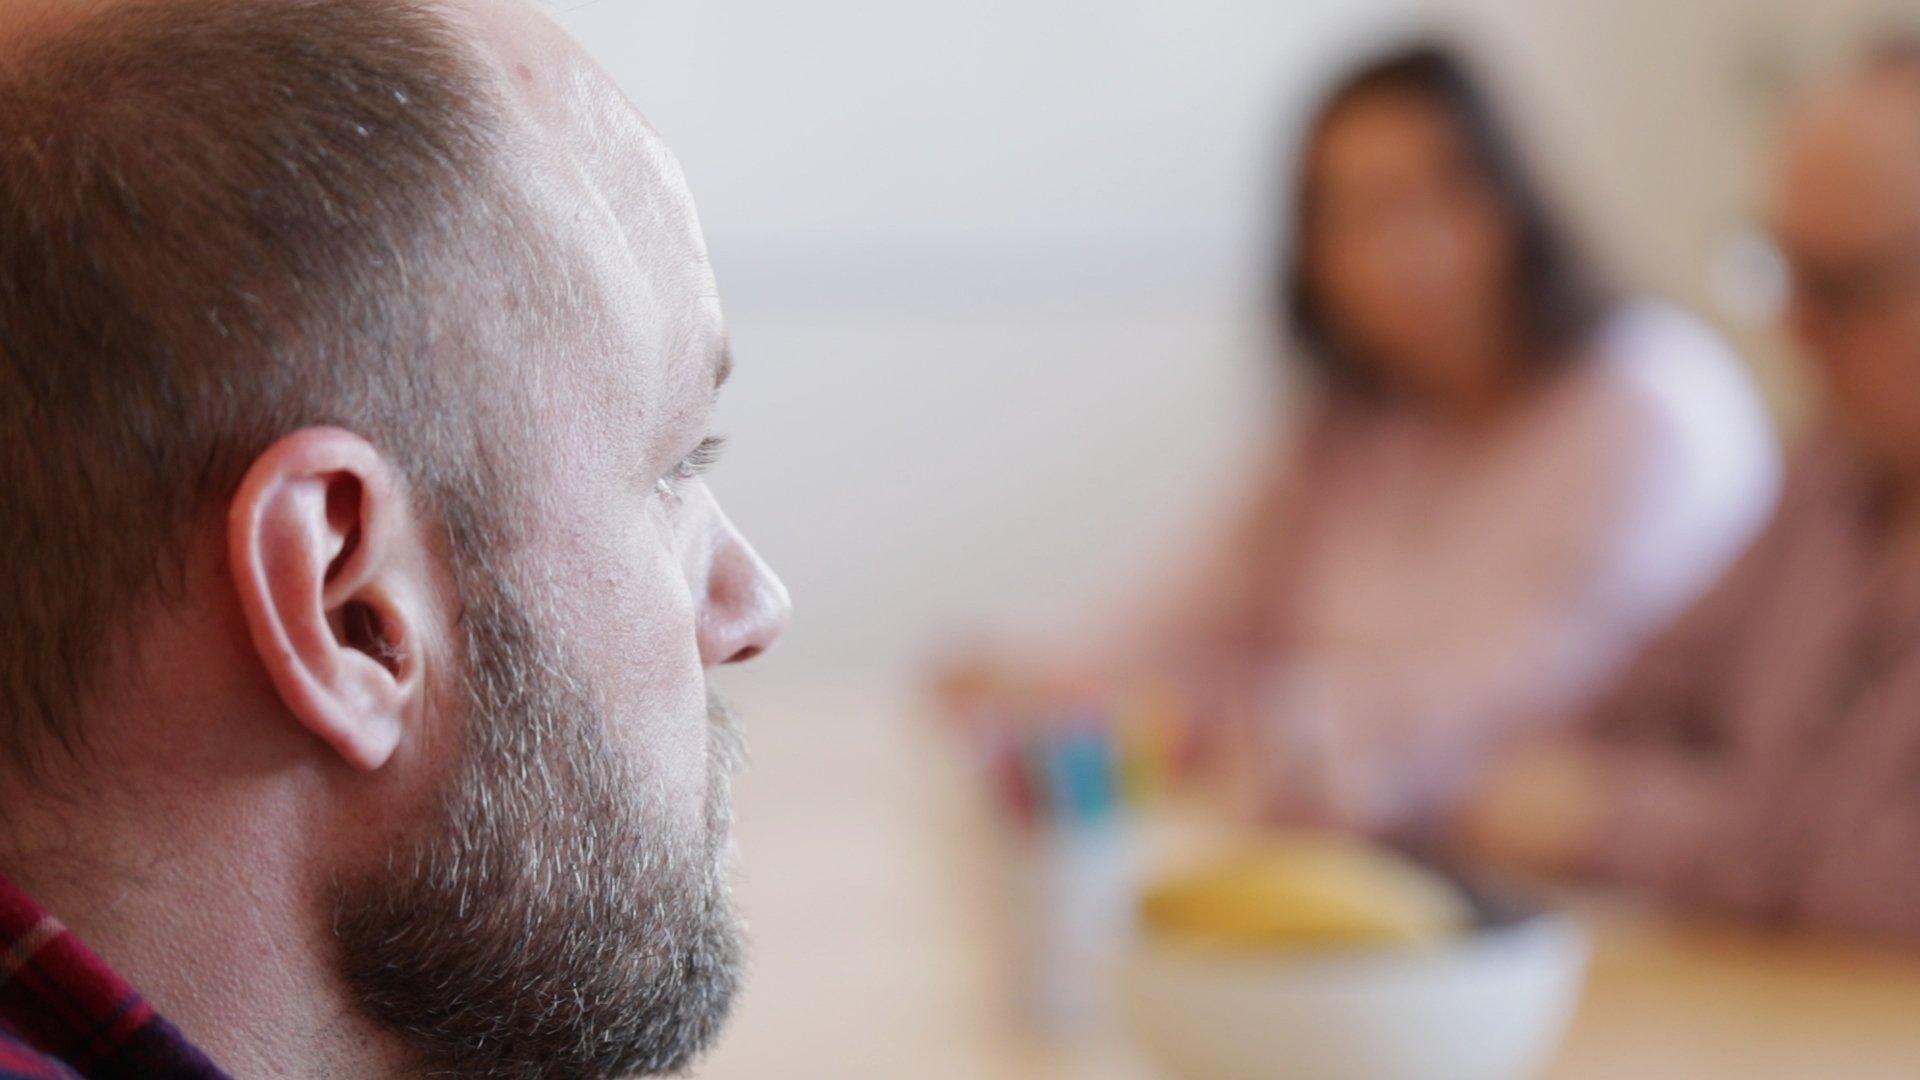 mand overvejer at starte i alkoholbehandling